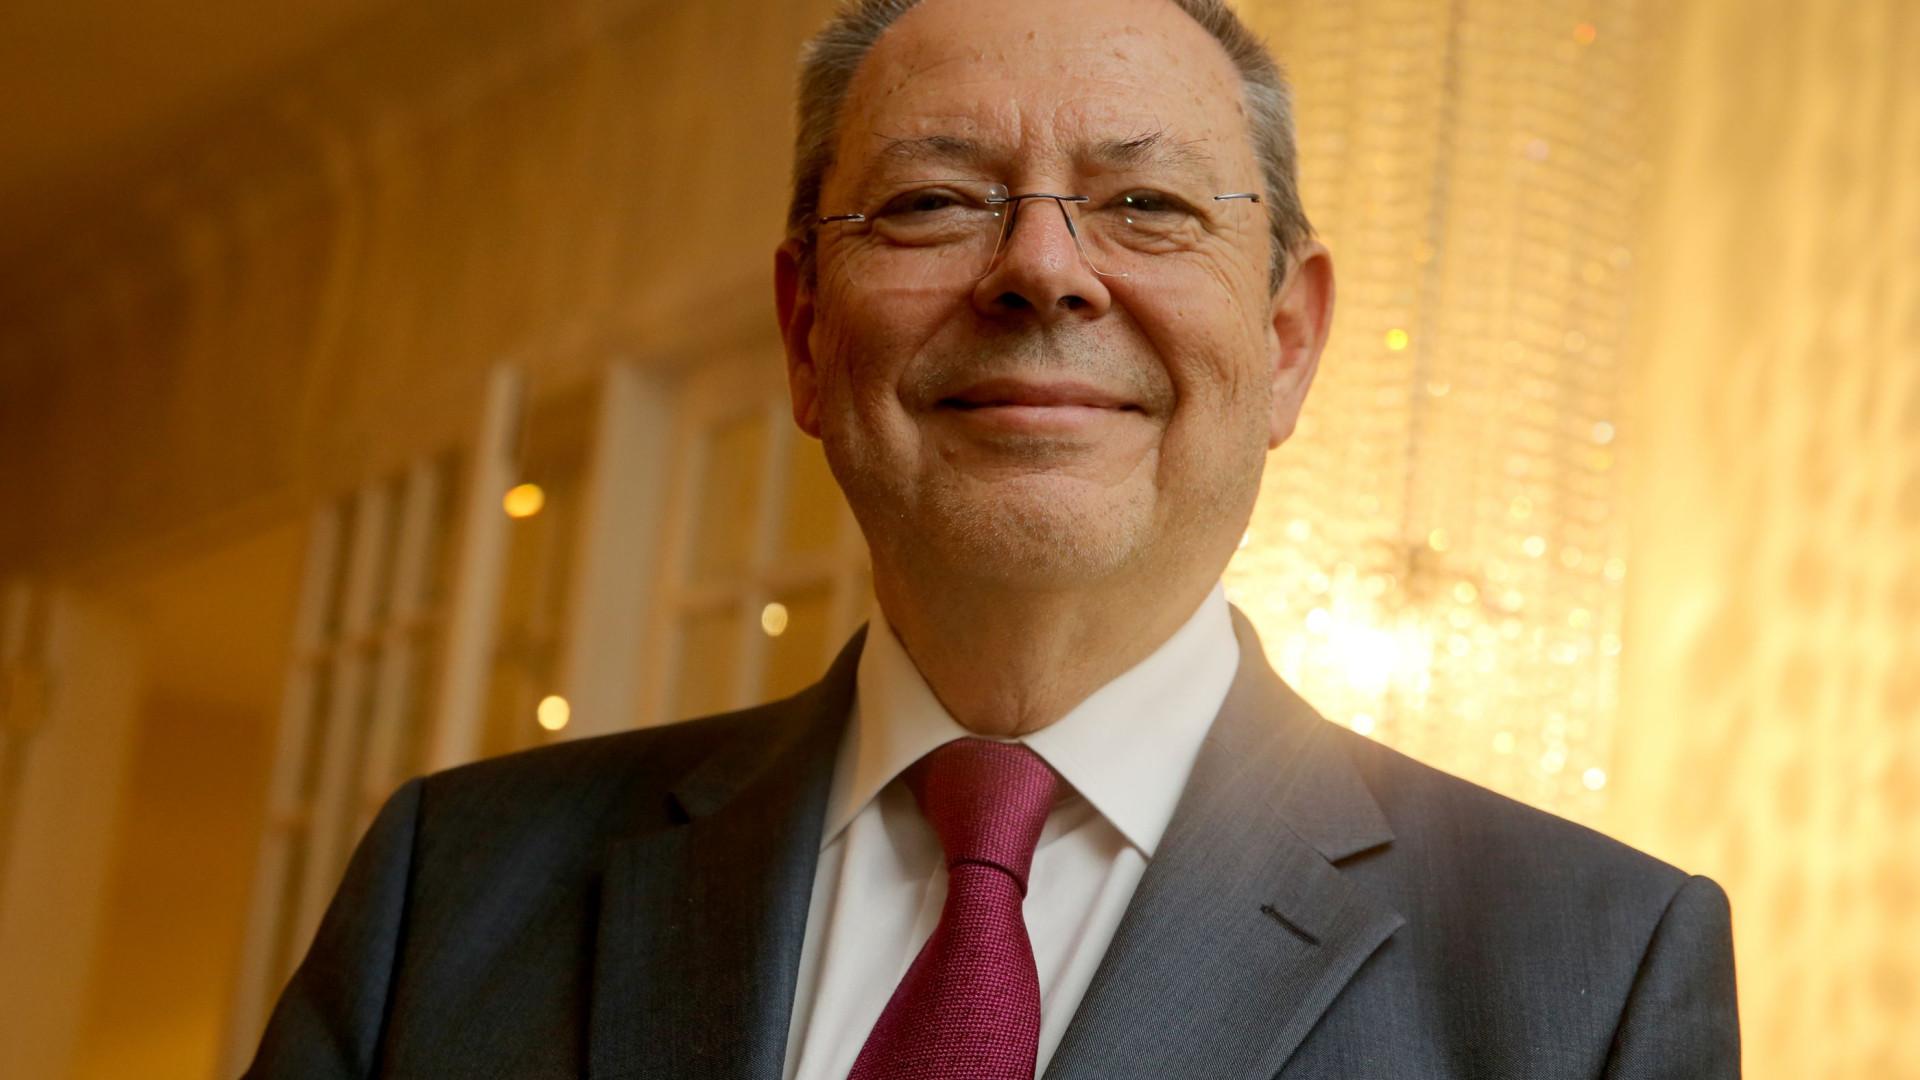 Gestor pede comissão sobre dívidas de Angola a empresas portuguesas